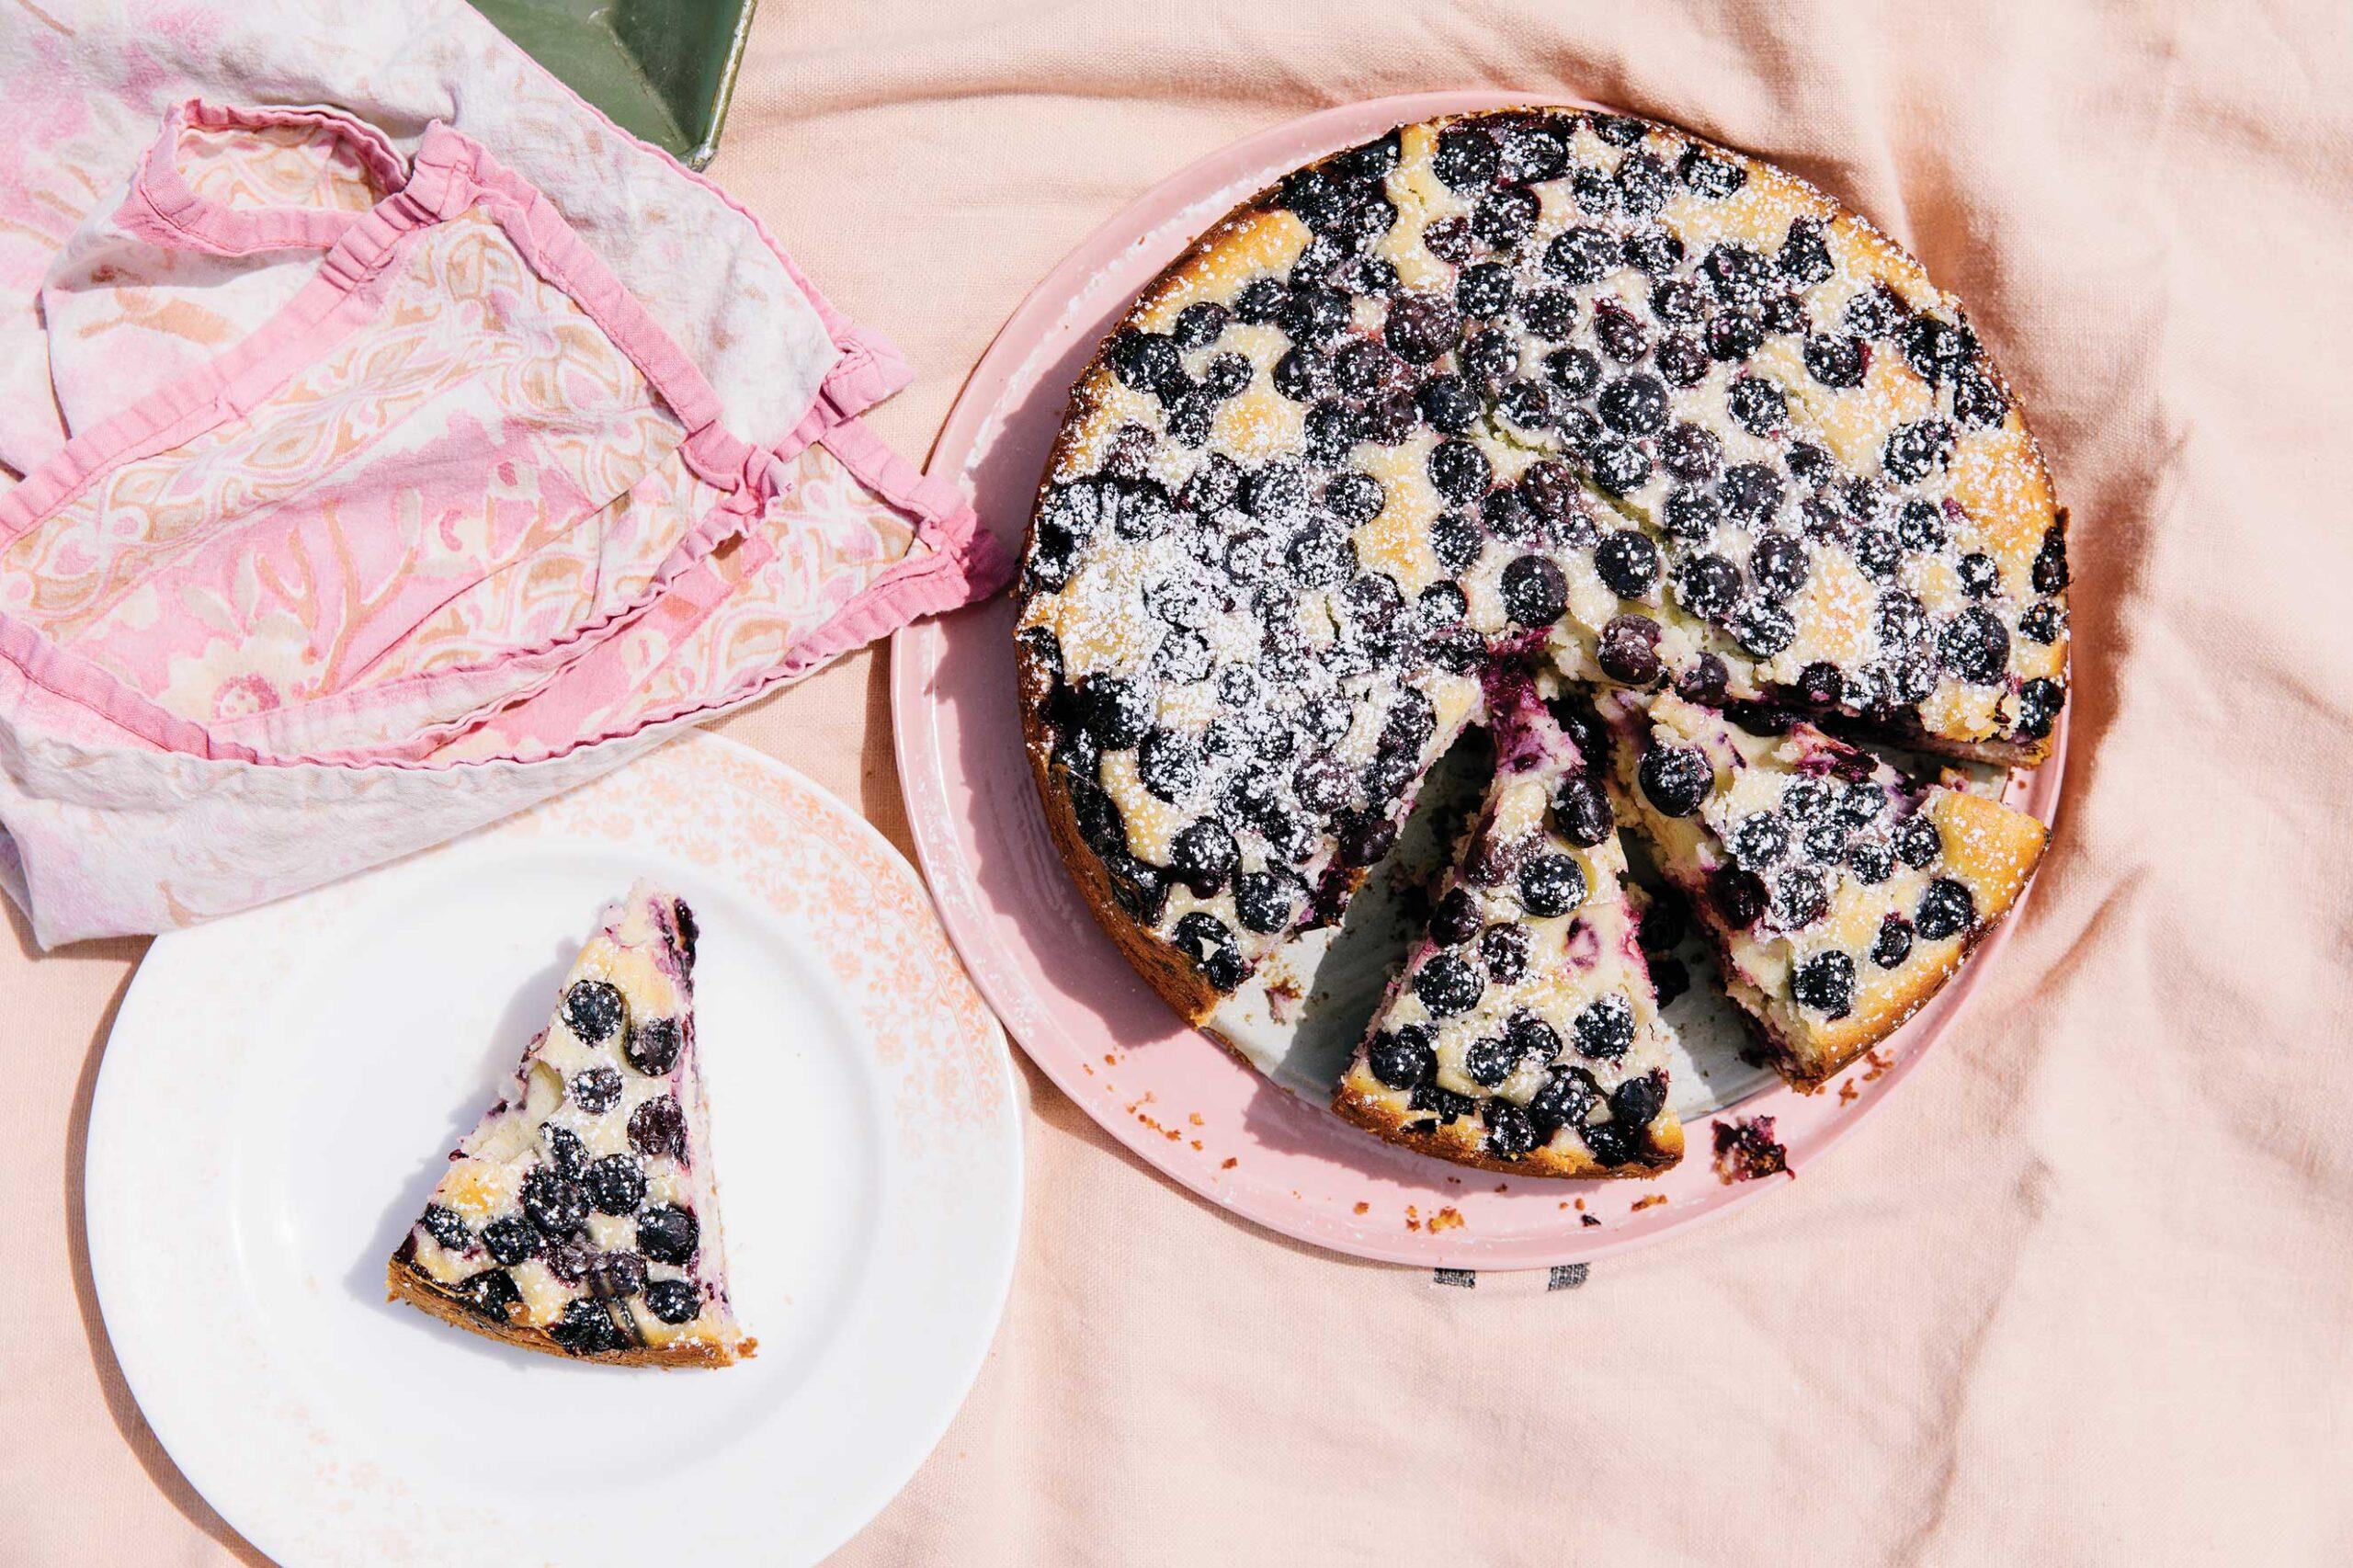 Blueberry-Lemon Morning Cake